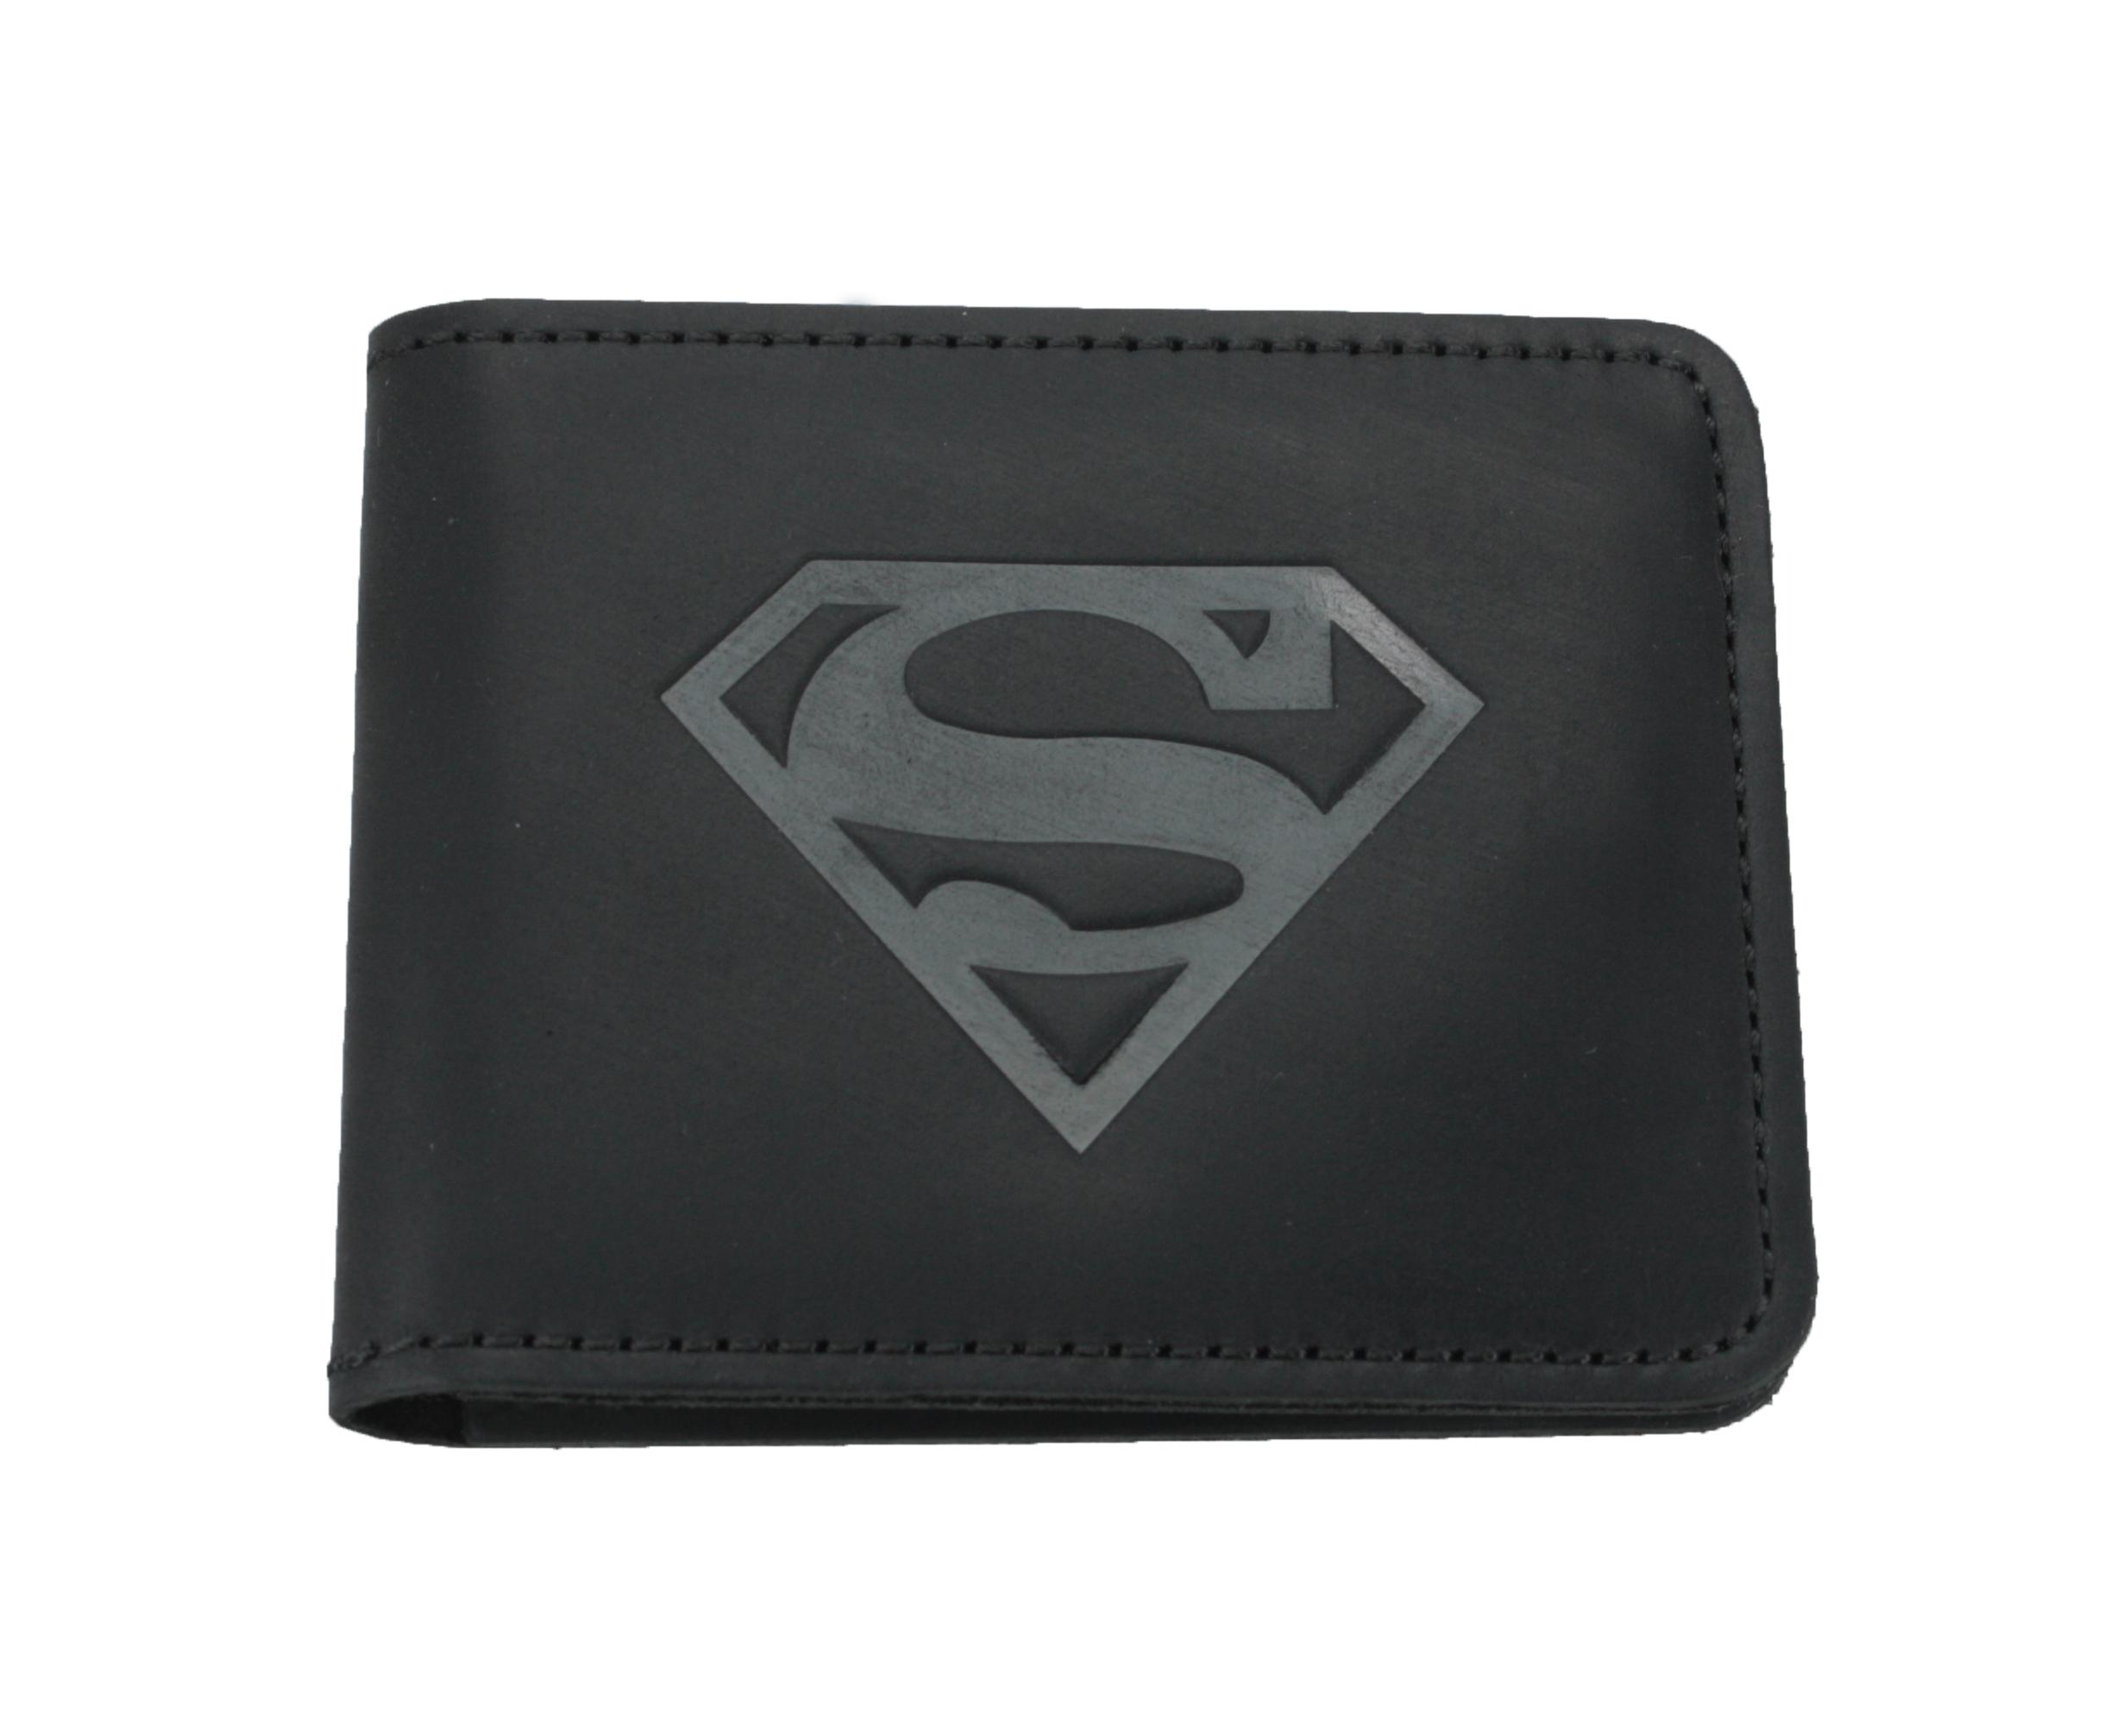 2cfc9c16023c Кожаный кошелек супермен купить в Украине. Интернет-магазин кожаных ...